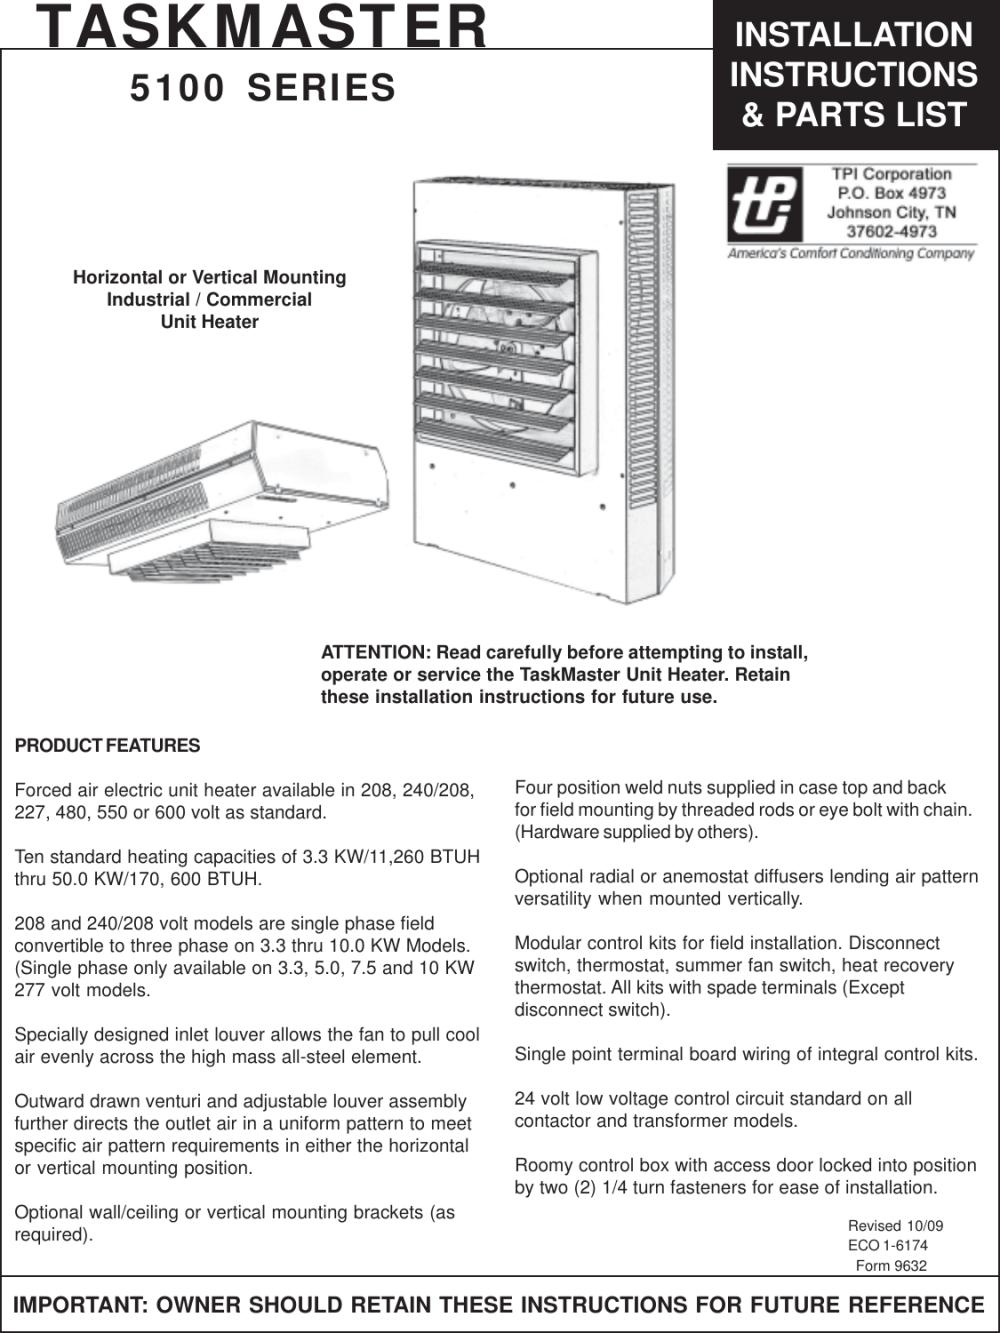 medium resolution of taskmaster unit heater wiring diagram schematic wiring diagrams heater element wiring diagram taskmaster 5100 heater wiring diagram